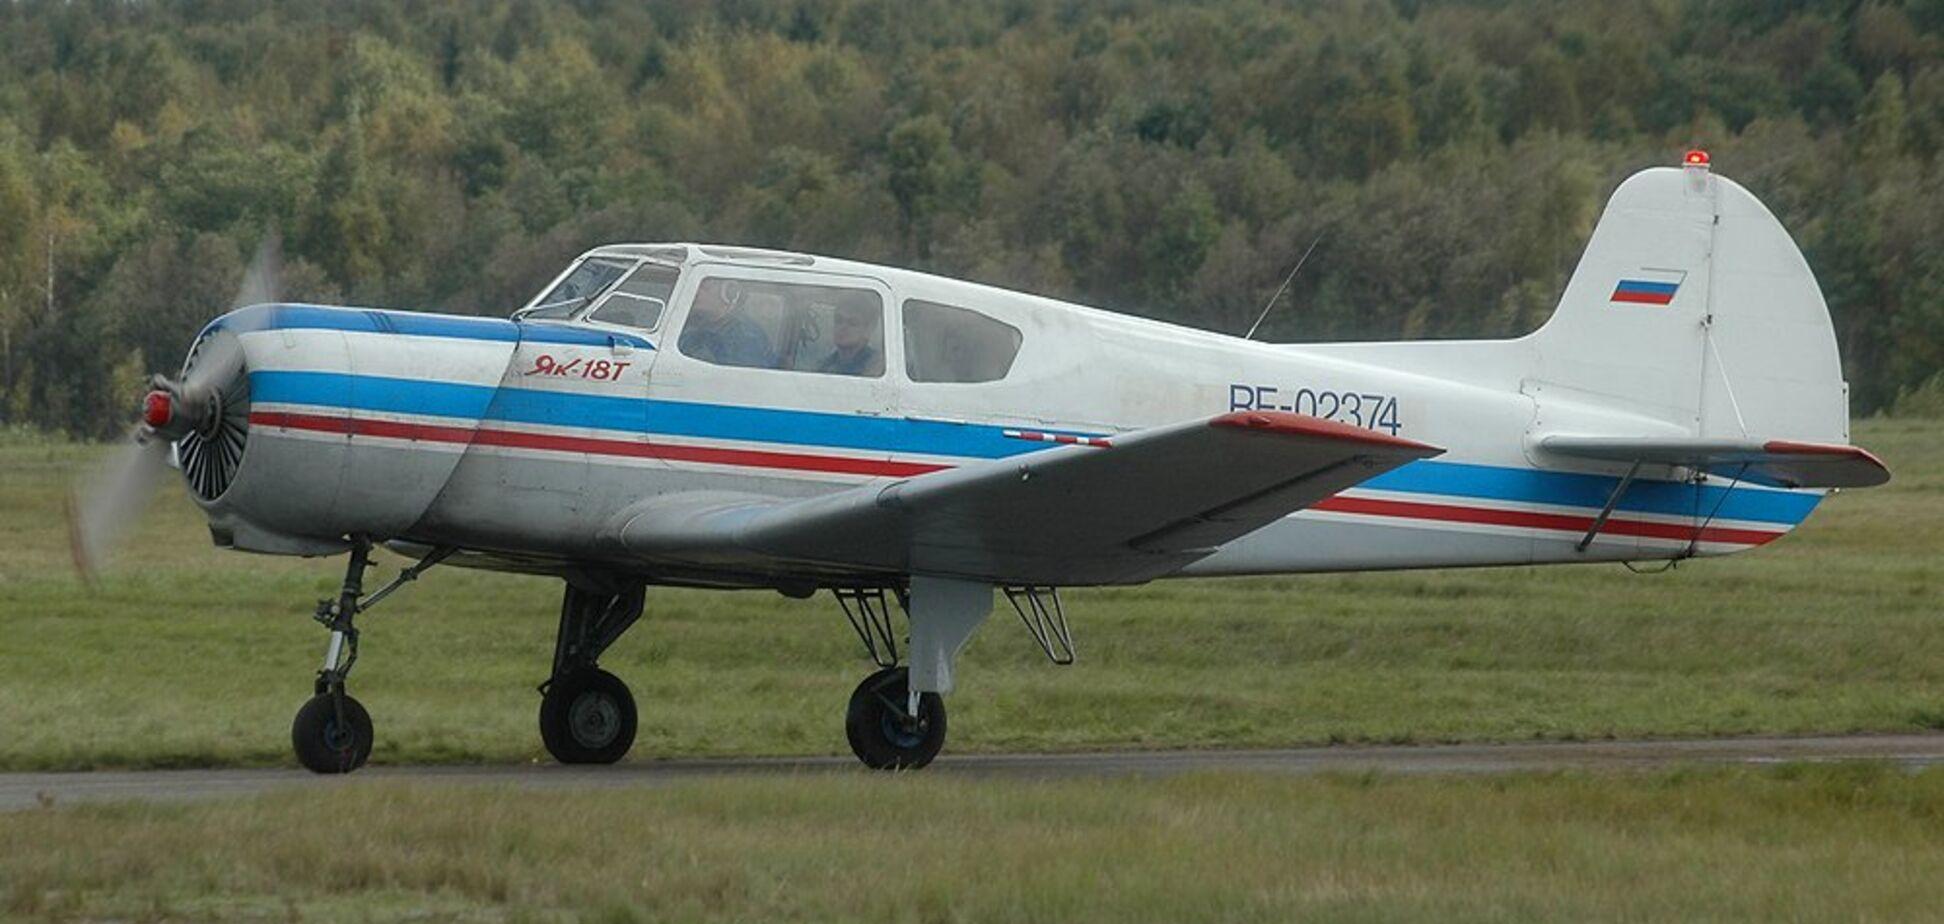 В Одесском аэропорту произошло опасное ЧП с самолетом (иллюстрация)